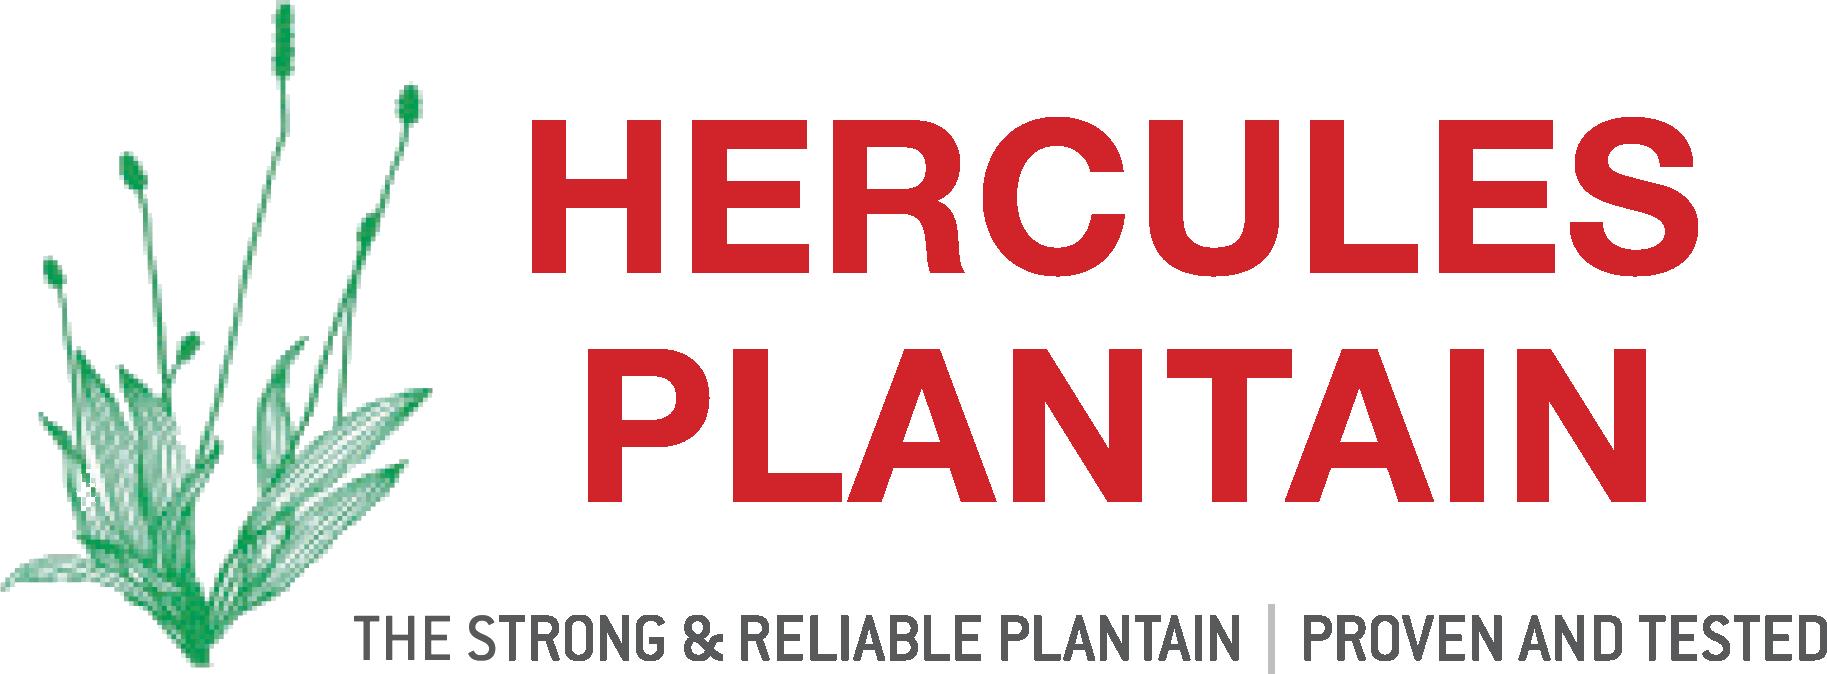 Hercules Plantain